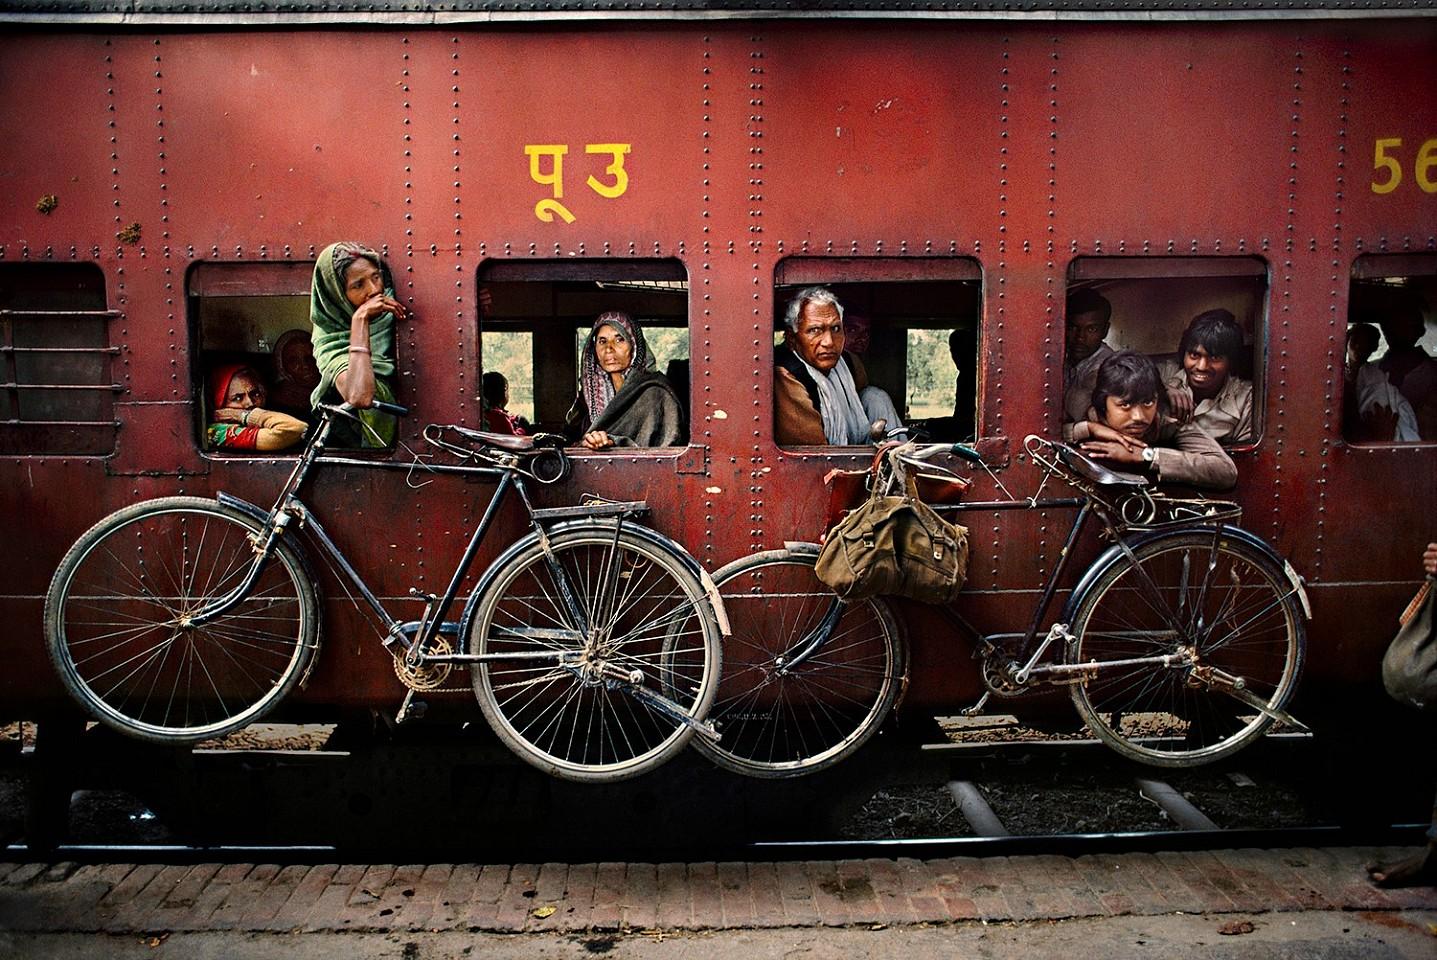 نحوه حمل دوچرخه با قطار + عکس